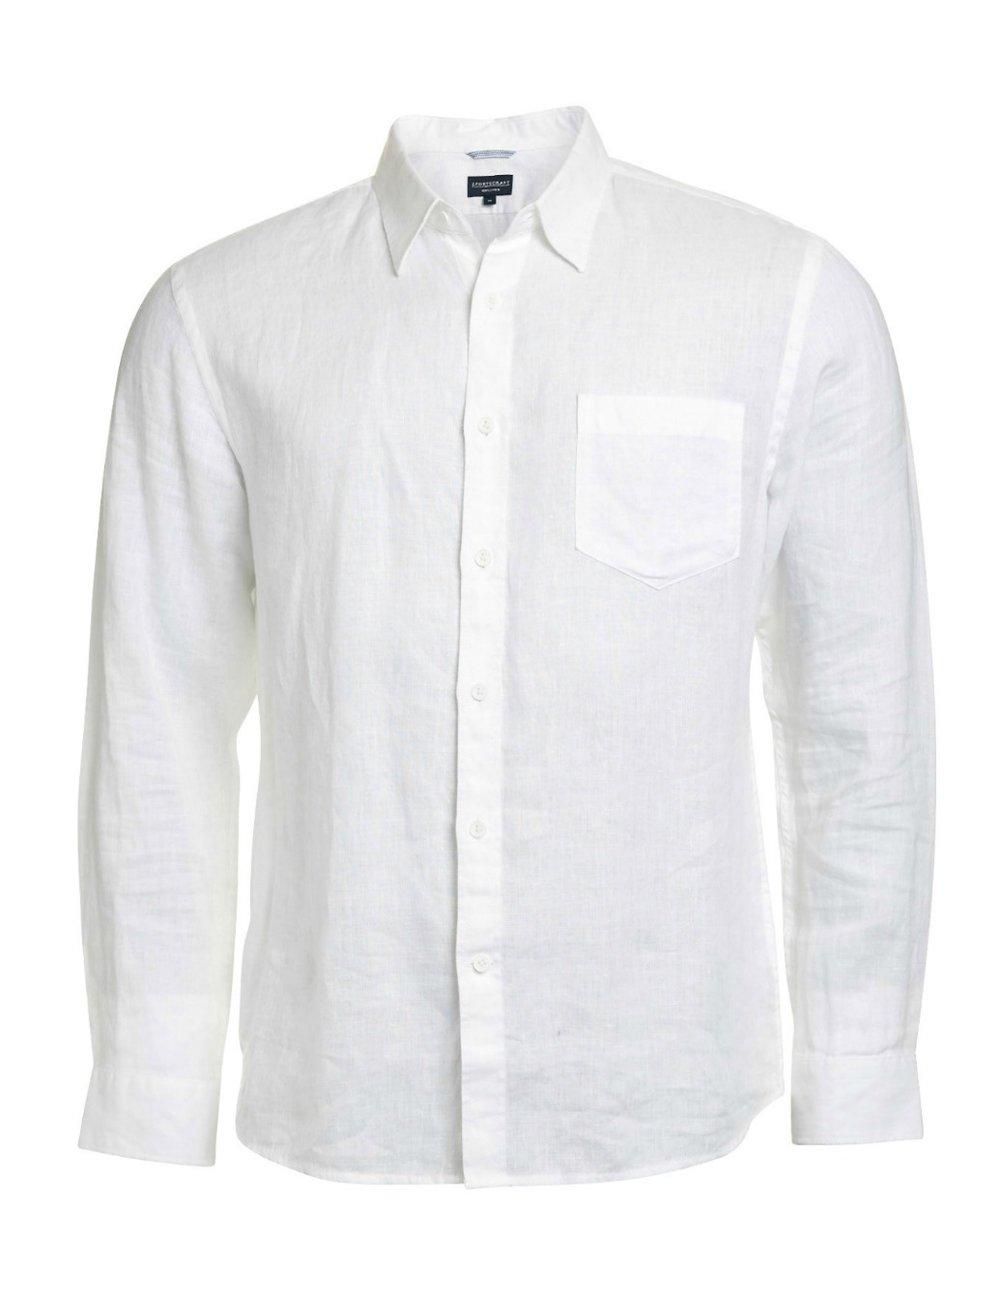 SPORTSCRAFTLong sleeve linen shirt - SPORTSCRAFT.COM.AU